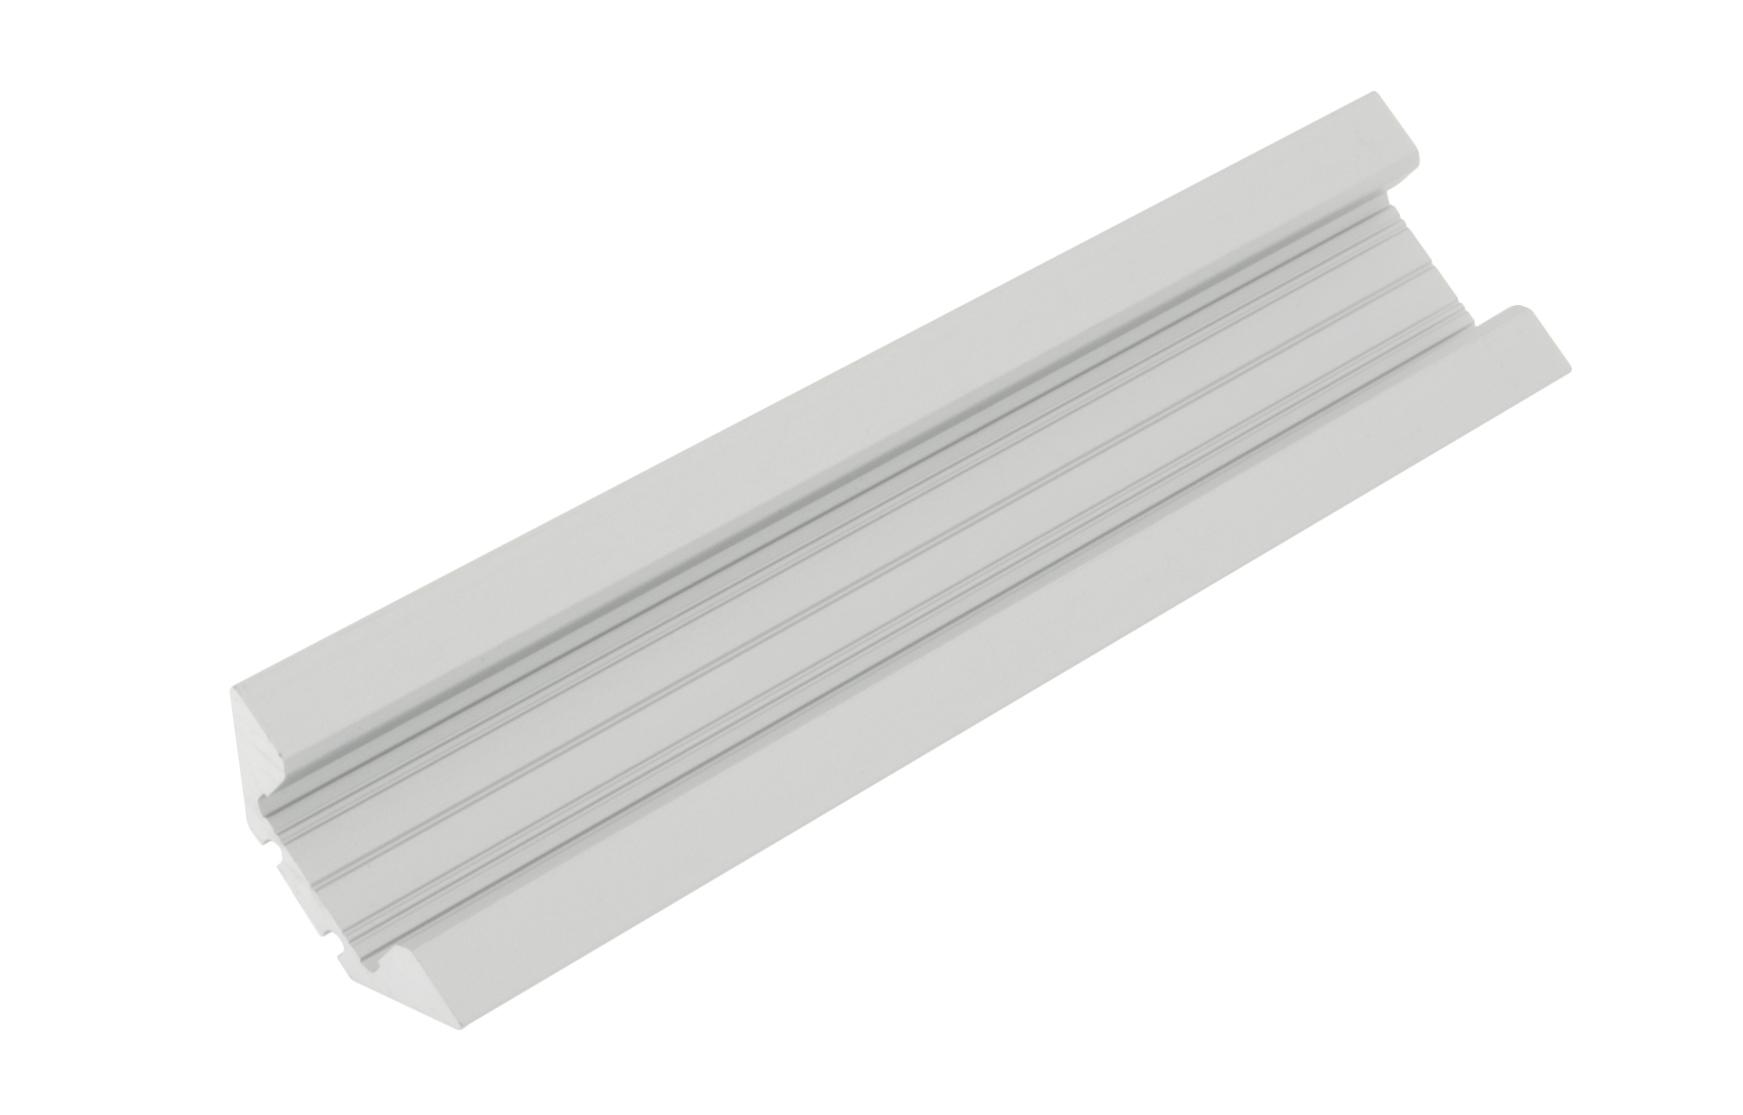 1 m Aluminiumprofil LBE, L-2000mm B-25mm H-25mm LIAP001003